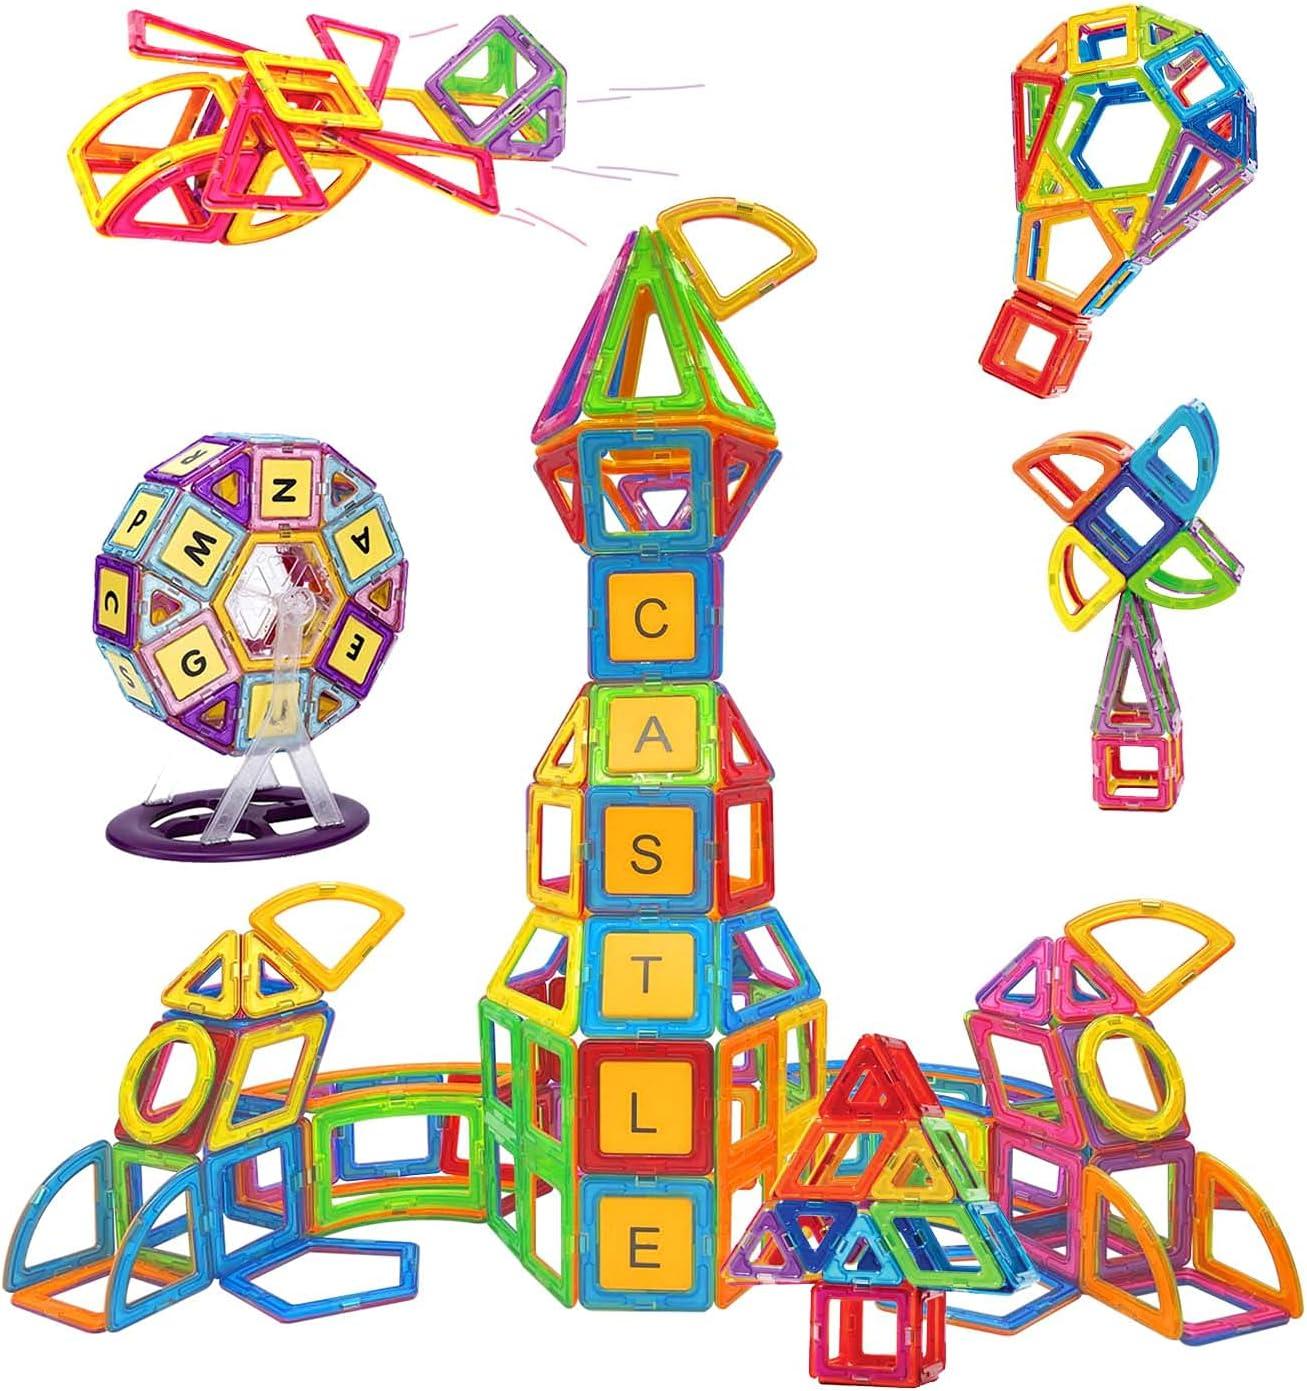 Condis 160 Piezas Bloques de Construcción Magnéticos para Niños Kit de inicio, Juegos de Viaje Construcciones Magneticas Imanes Regalos Cumpleaños Juguetes Educativos para Niños mayores de 3 a